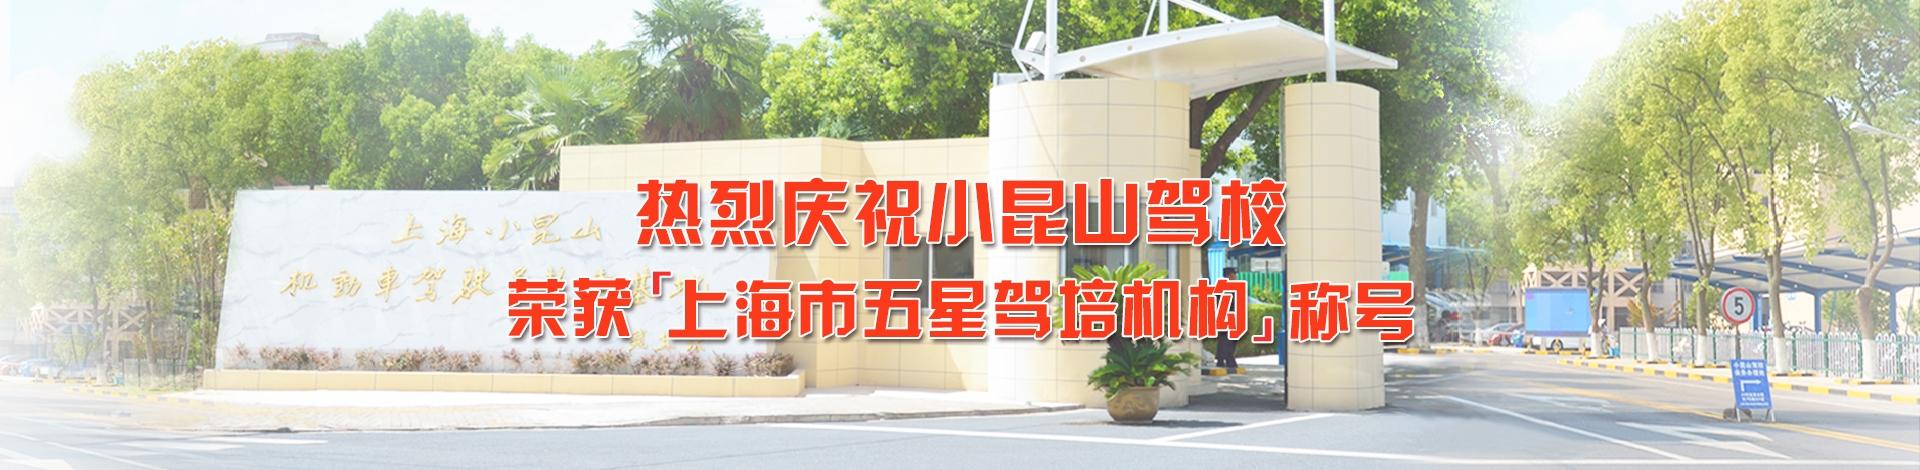 小昆山驾校荣获上海五星驾培机构称号